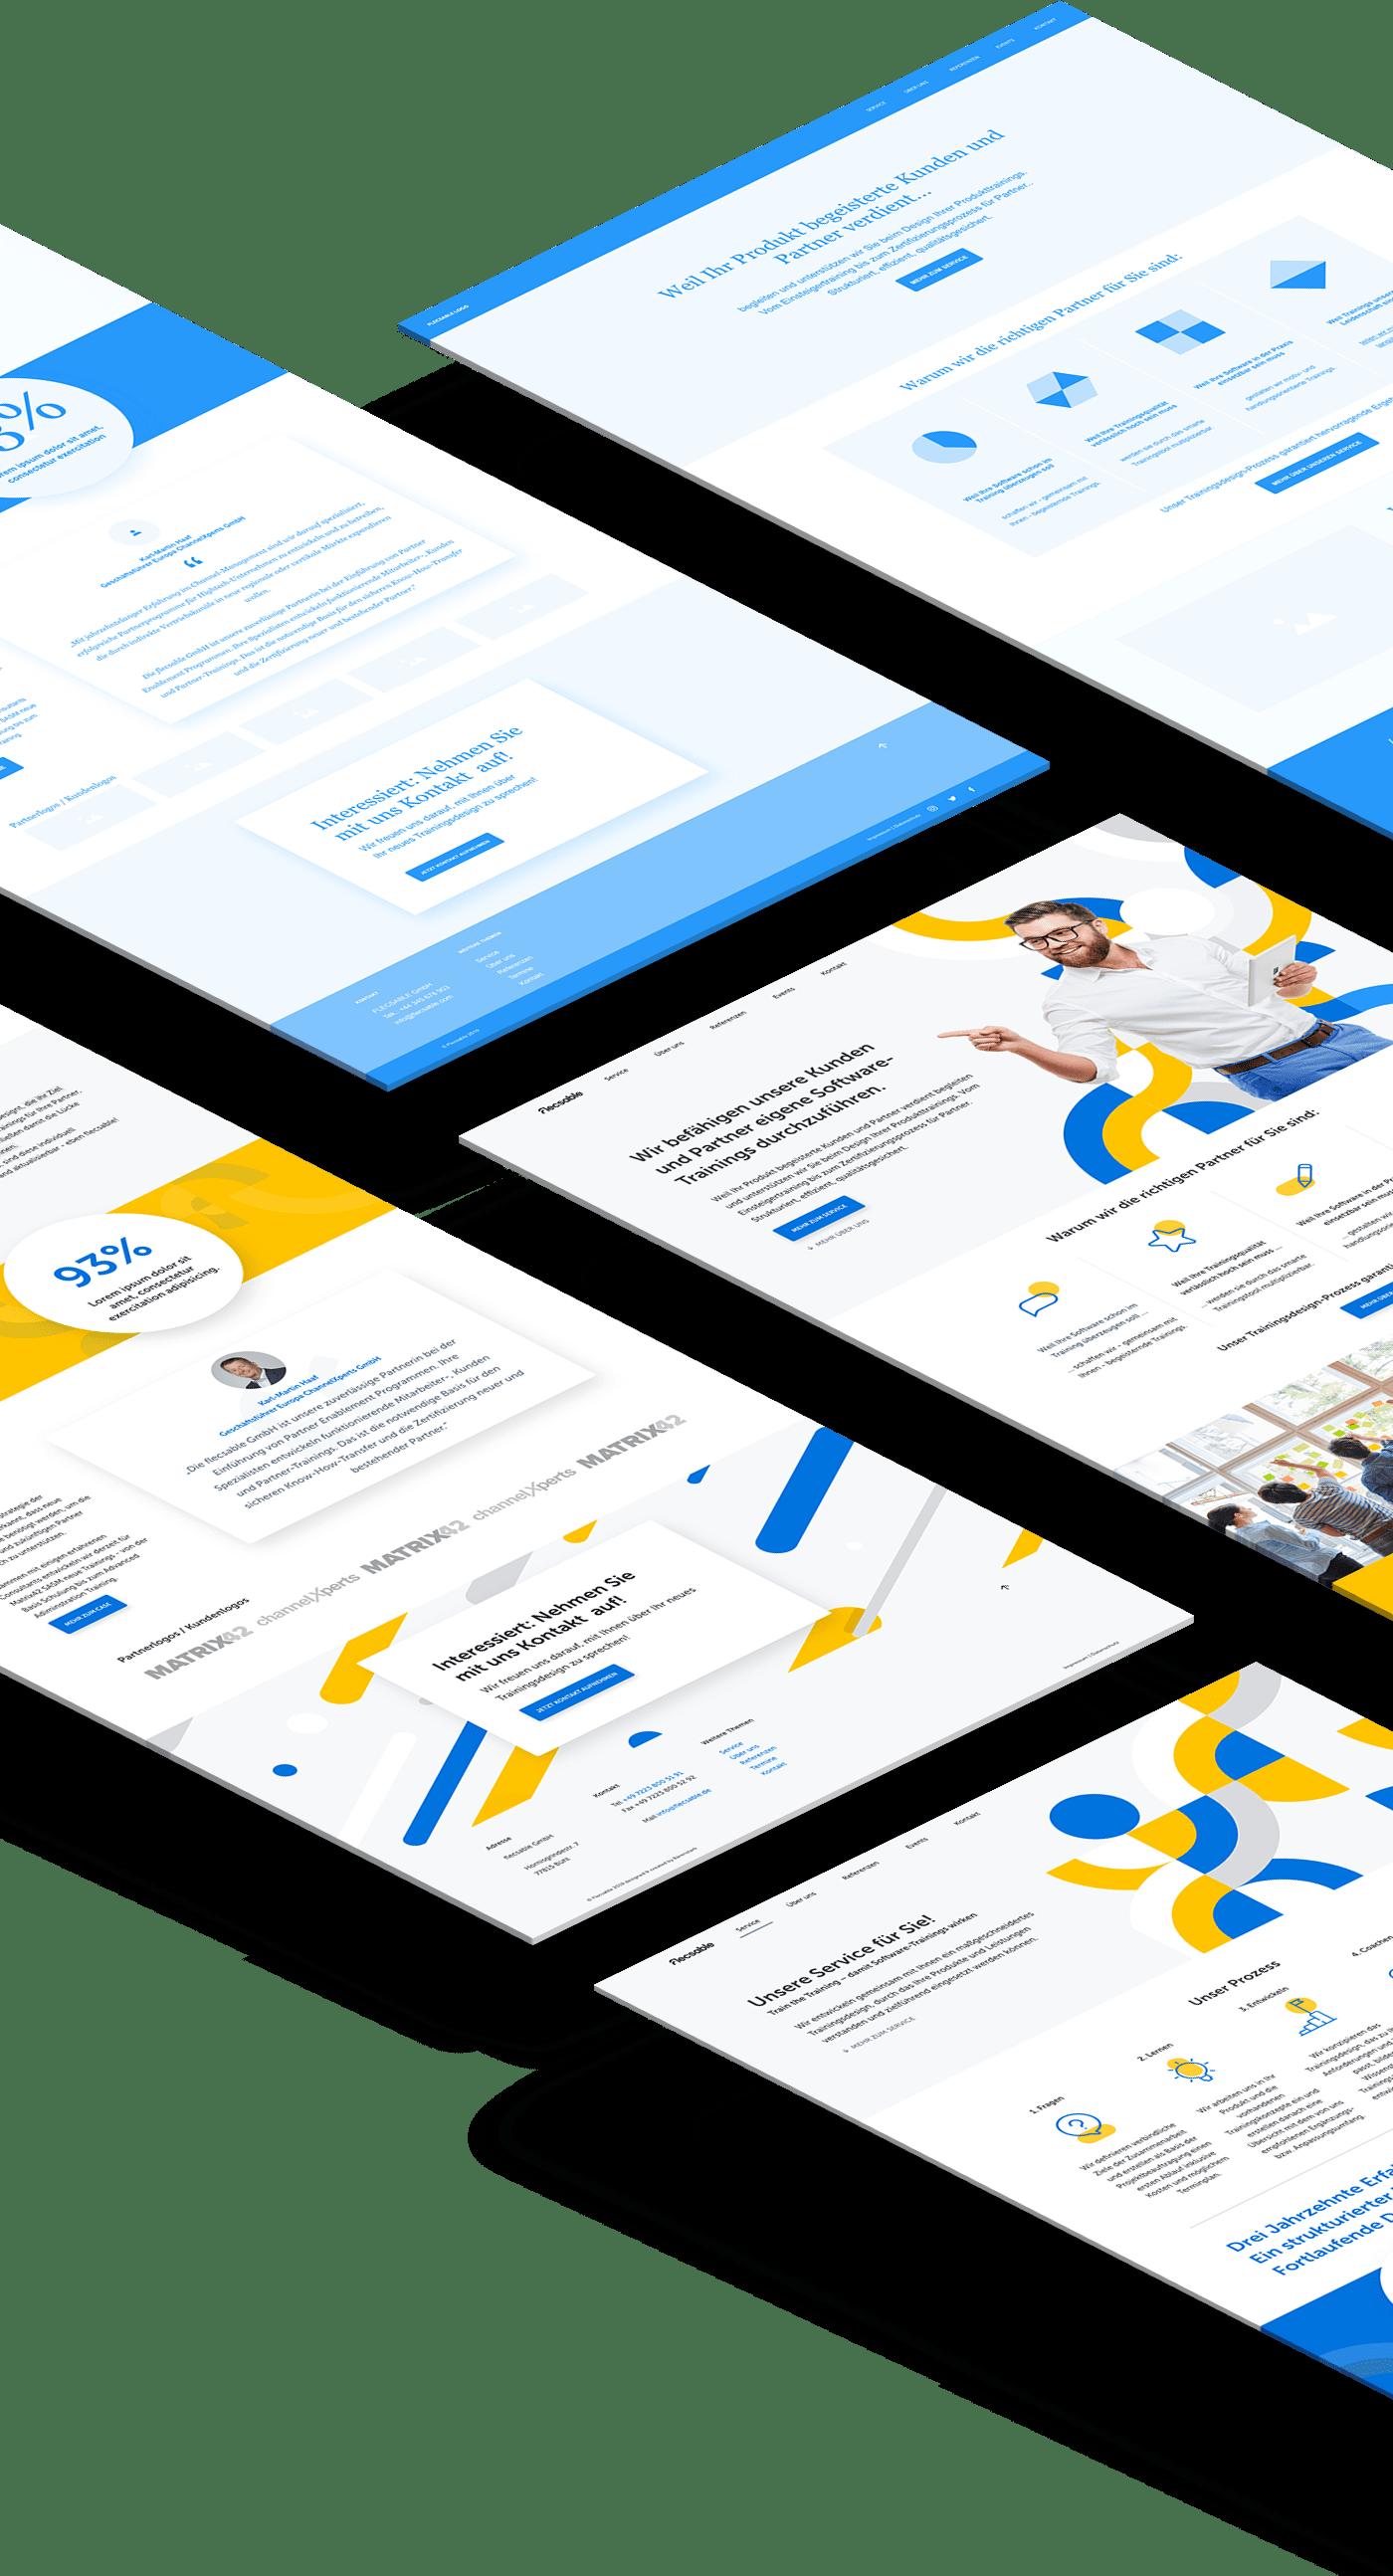 flecsable website - Bärenstark - Digitale Lösungen